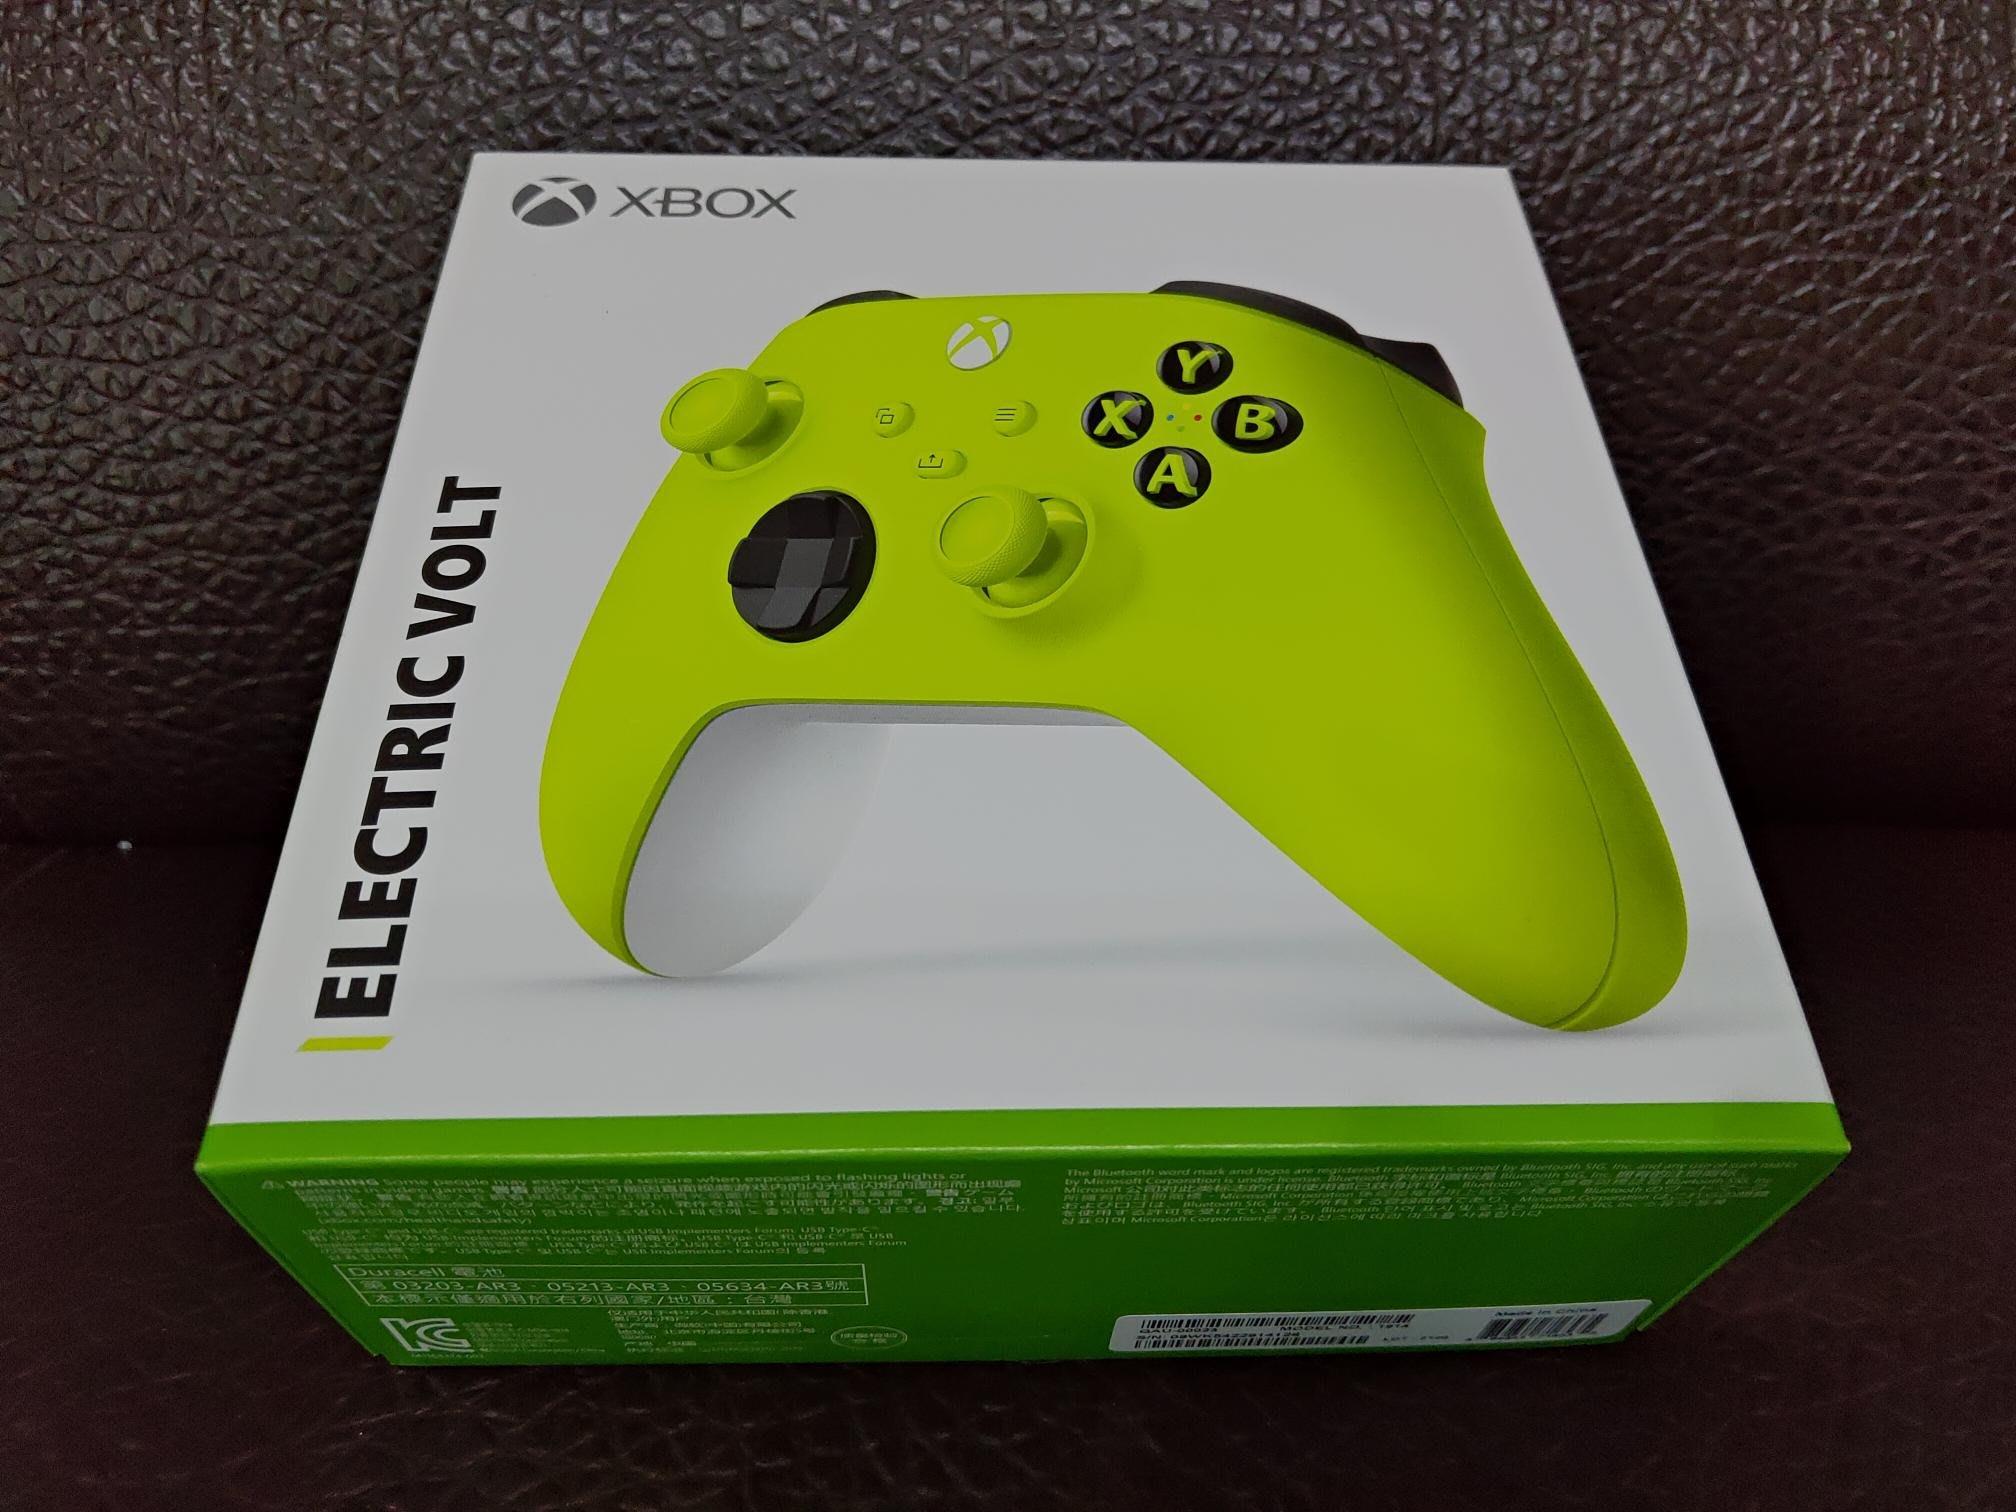 微軟Xbox 無線控制器 電擊黃